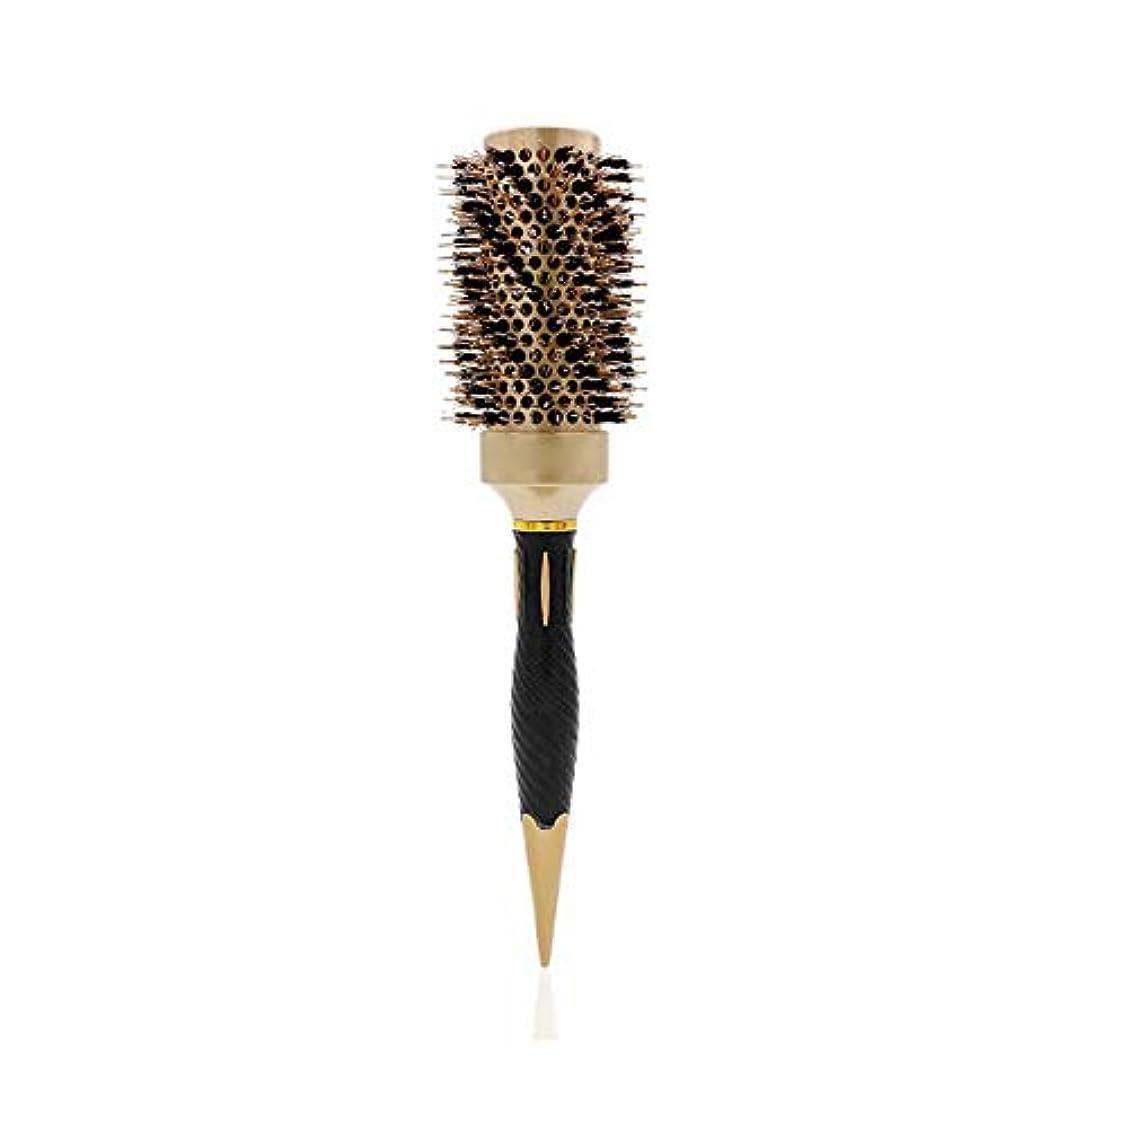 モールス信号一過性カプラー丸いヘアブラシは、セラミック円筒加熱ローラ櫛サブエアチューブを43ミリメートルヘアサロンヘアドライヤー毛